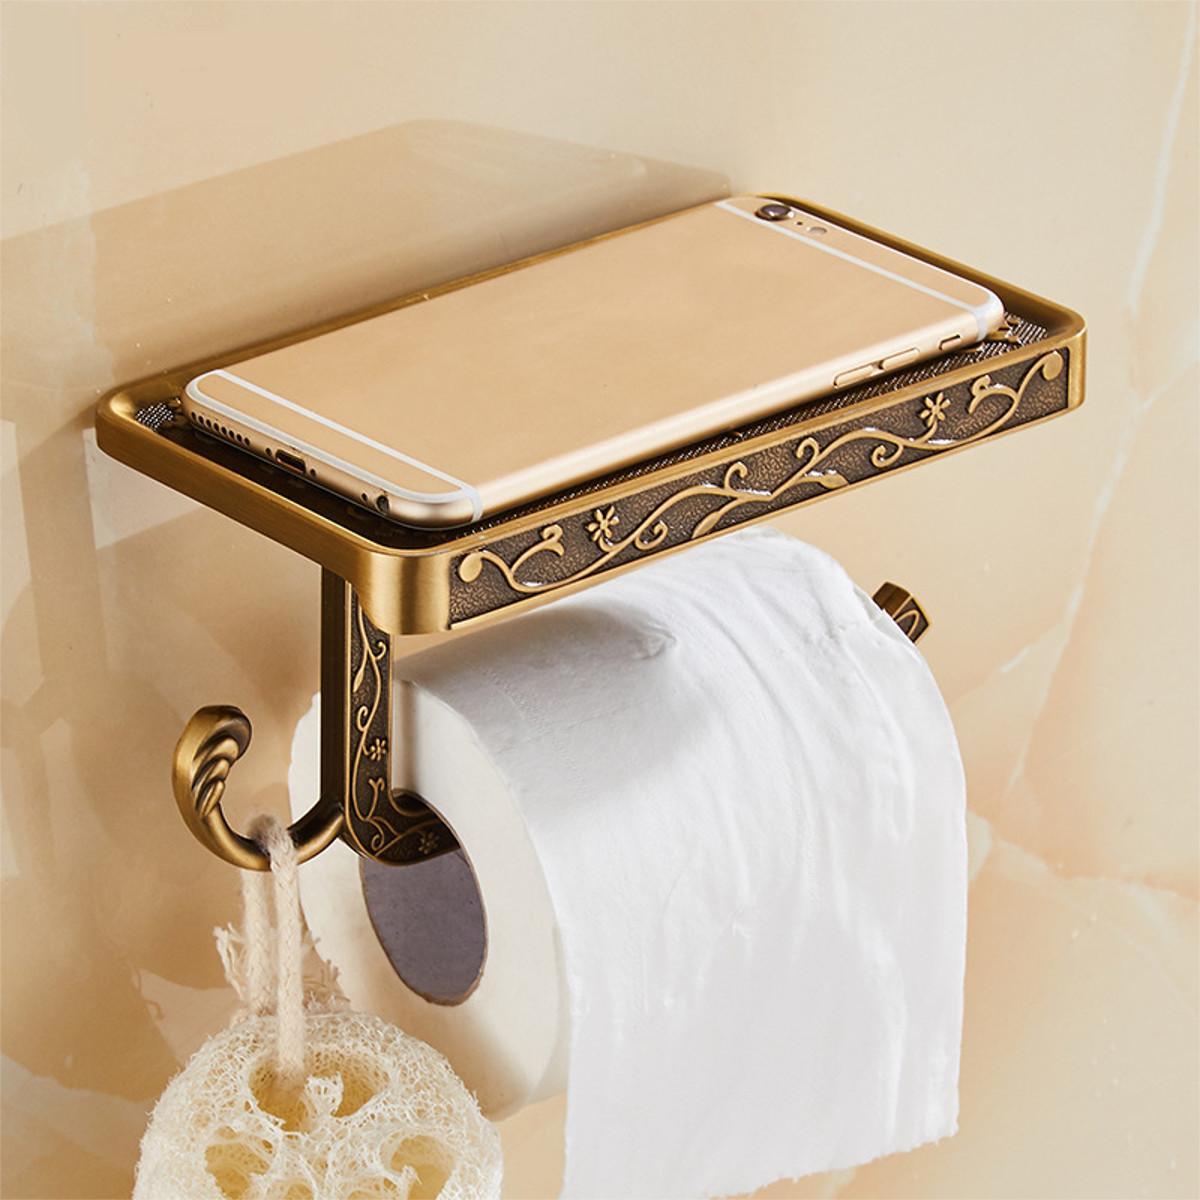 Античный резной держатель для вашего мобильный телефон, вешалка для полотенец, держатель для туалетной бумаги, коробки для салфеток|Держатели бумаги|   | АлиЭкспресс